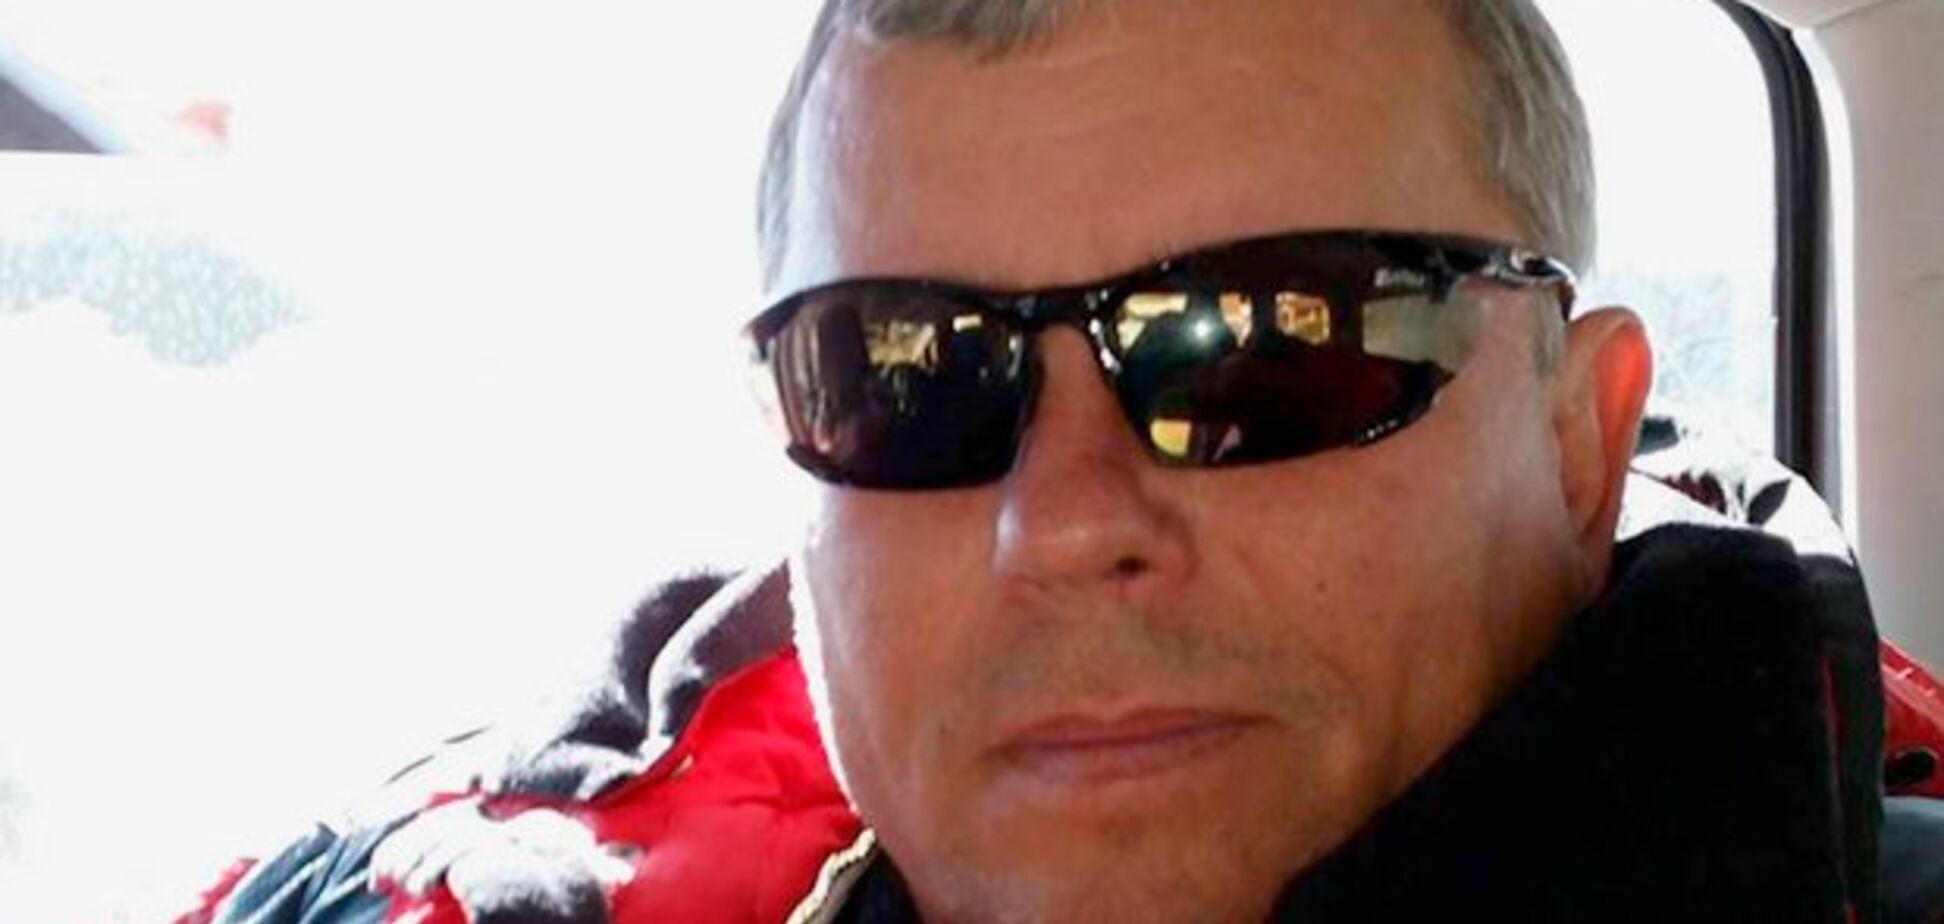 78 изнасилований: Россию всколыхнула история двух педофилов-членов партии Путина